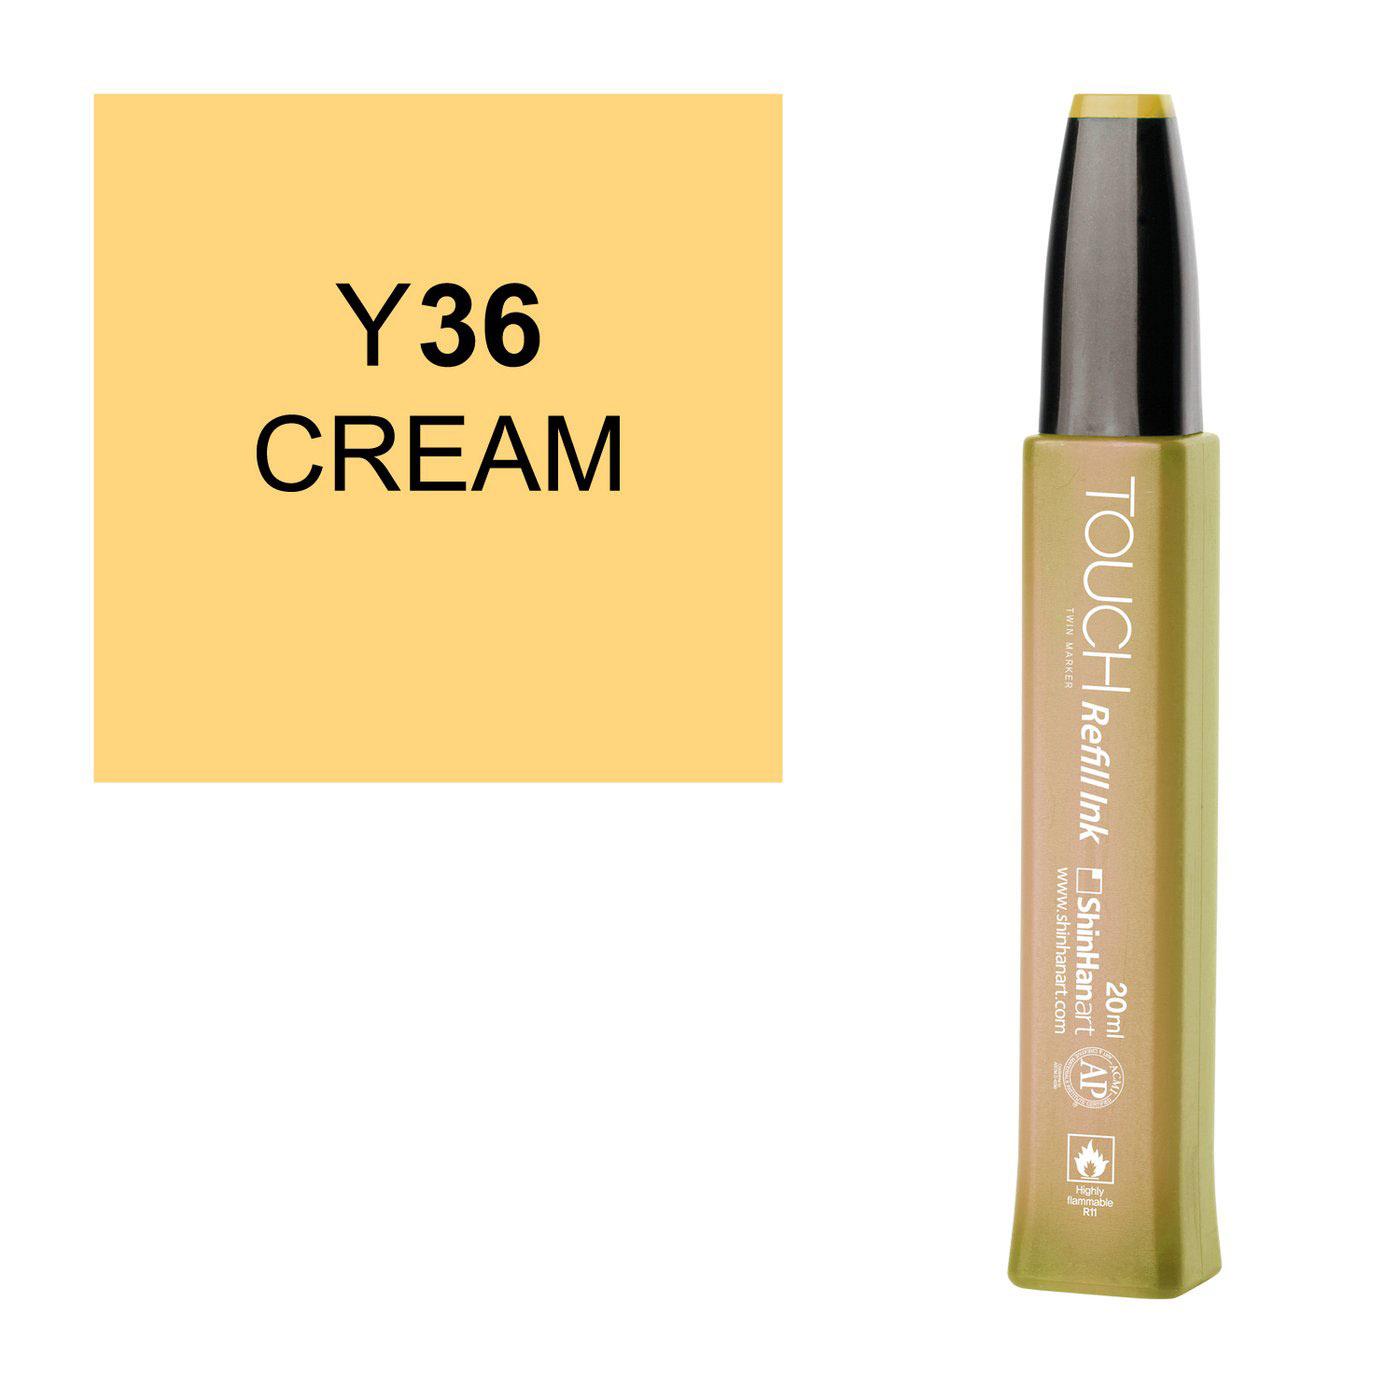 Купить Заправка для маркеров Touch Refill Ink 20 мл Y36 Кремовый, ShinHan Art (Touch), Южная Корея